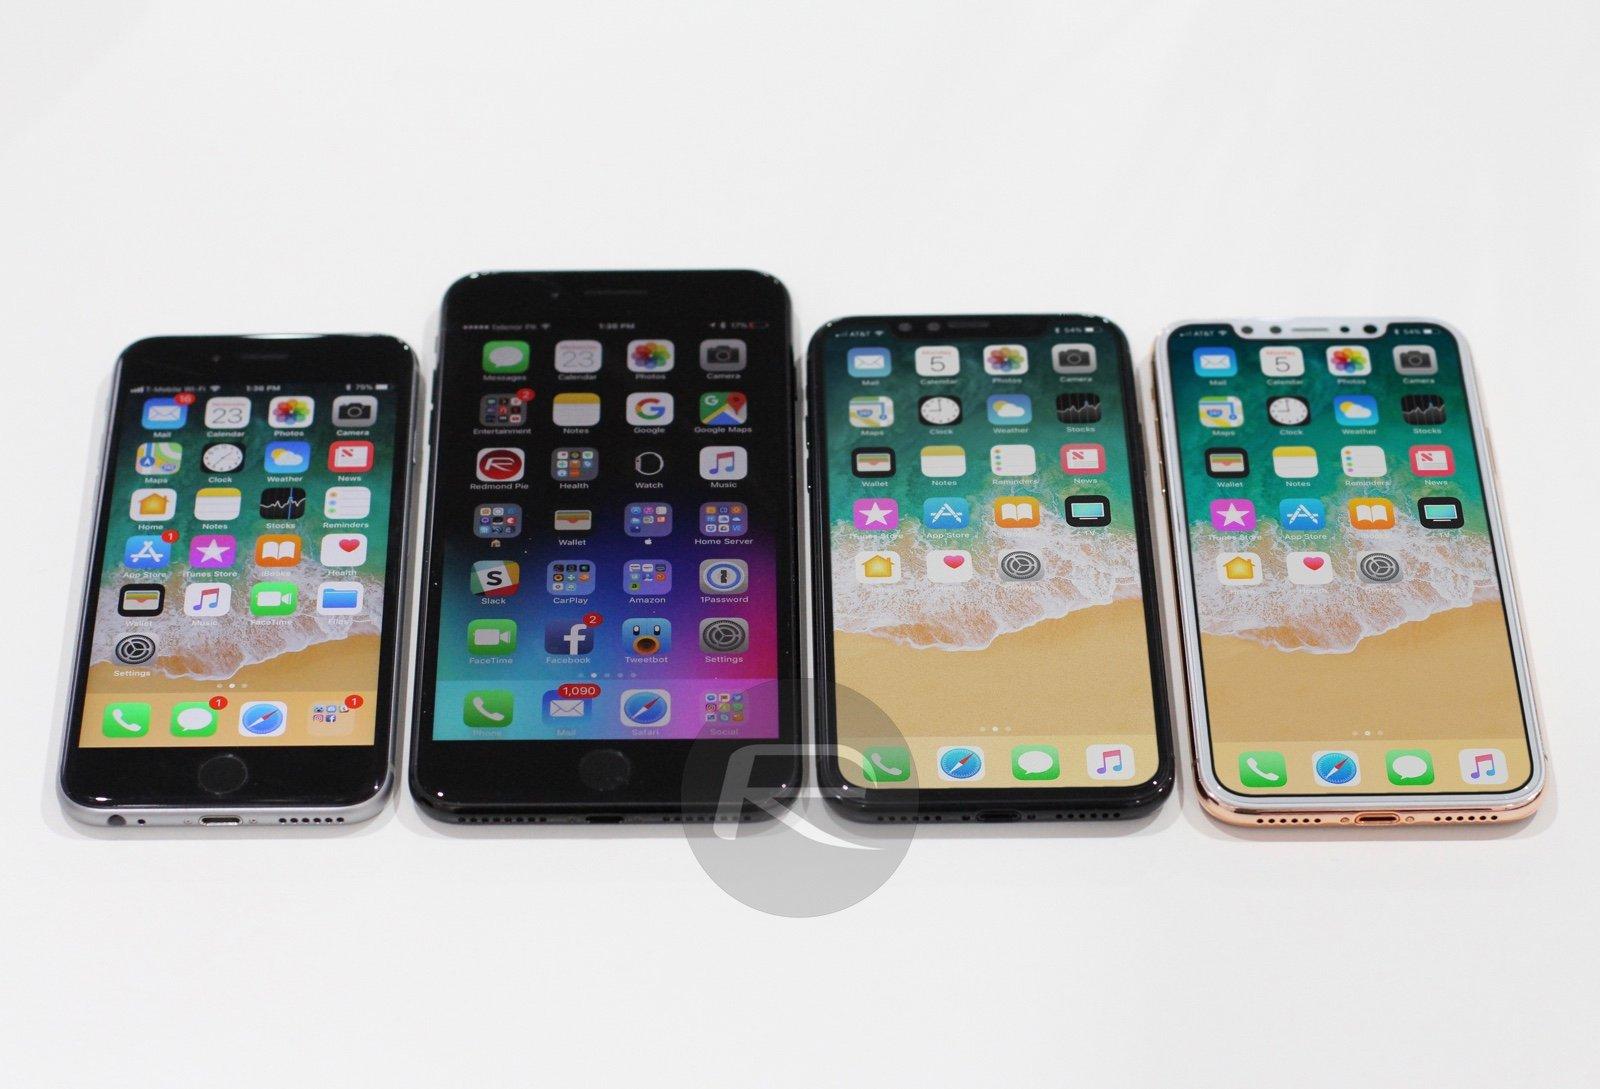 Vergleich iPhone X, iPhone 7, iPhone 7 Plus: mehr Display, kleiner als gedacht? 6